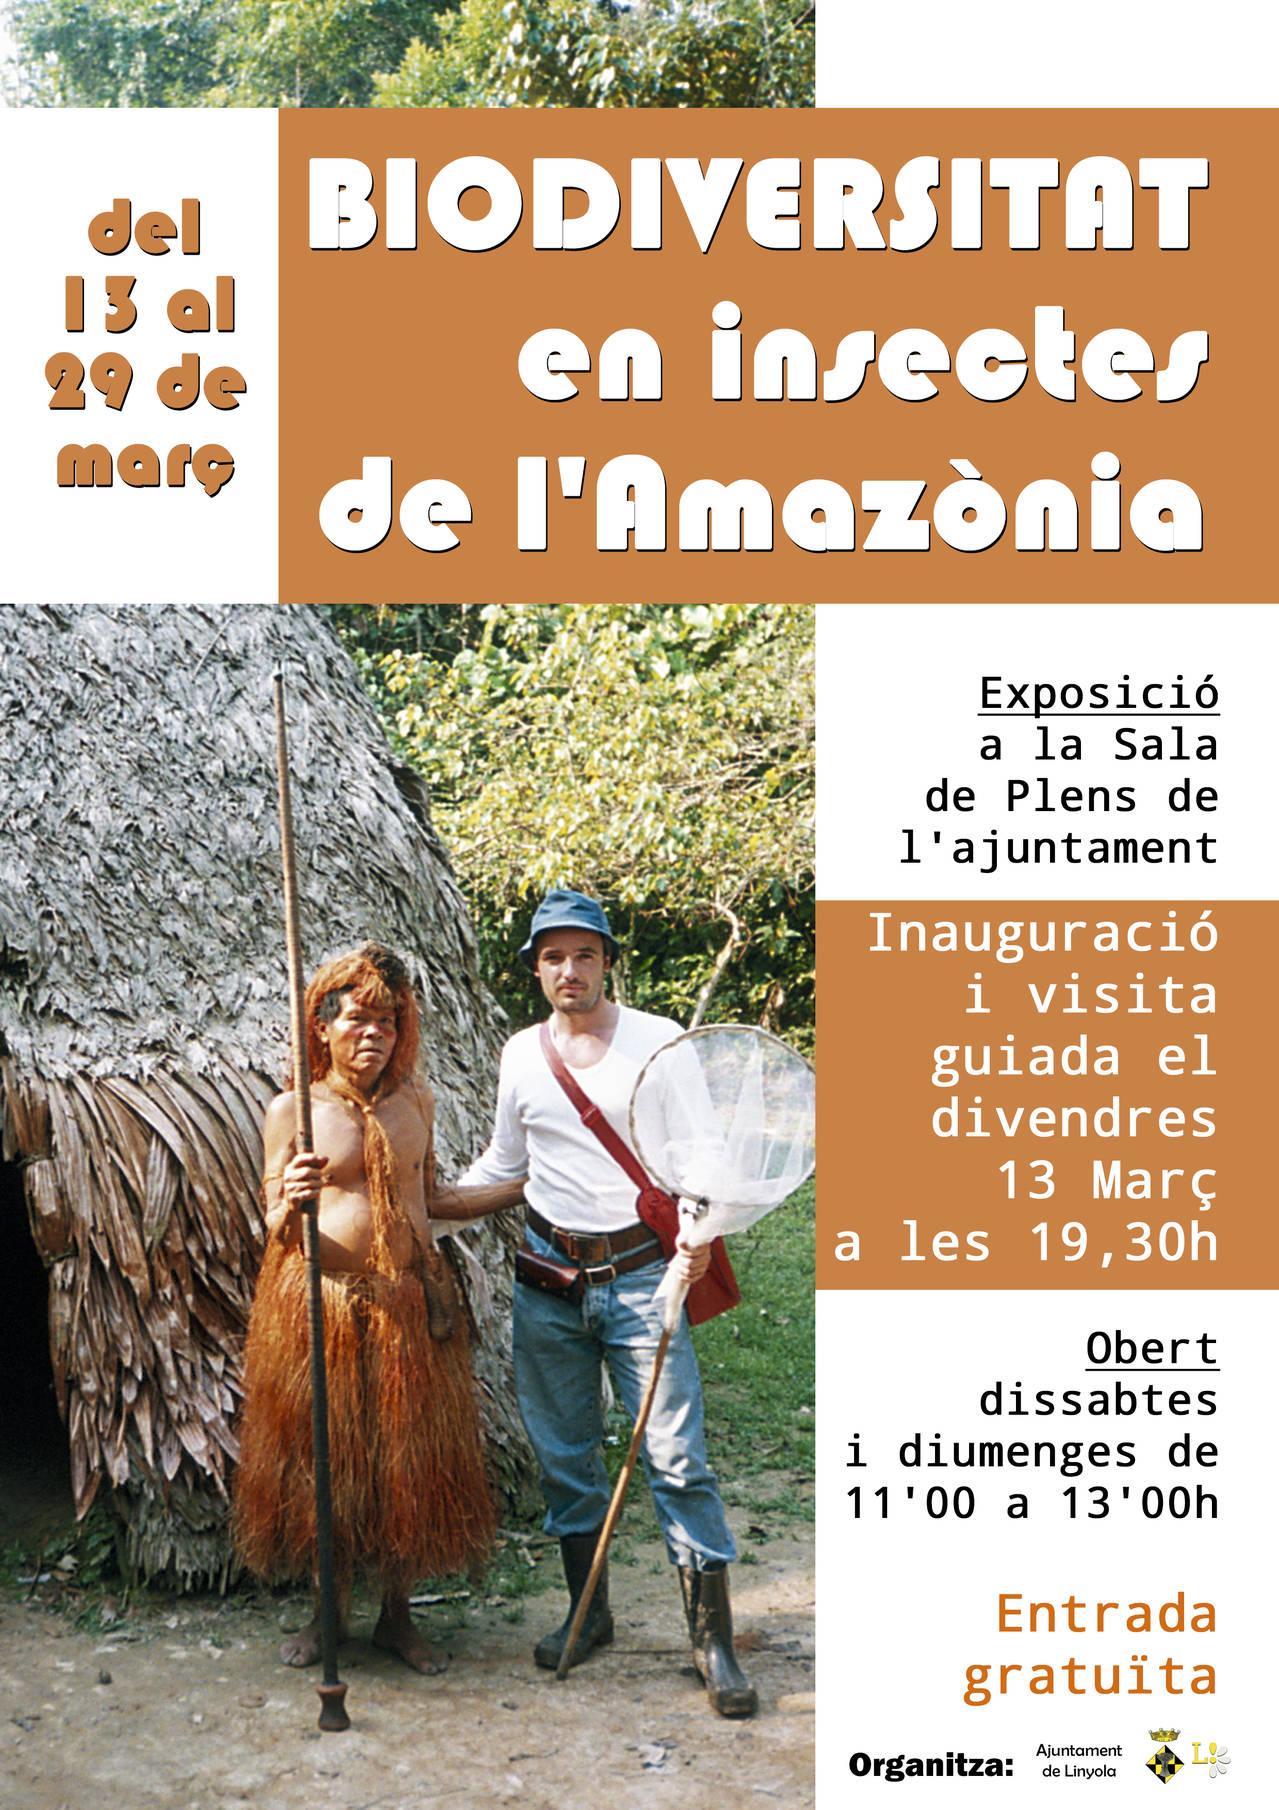 BIODIVERSITAT EN INSECTES DE L'AMAZÒNIA